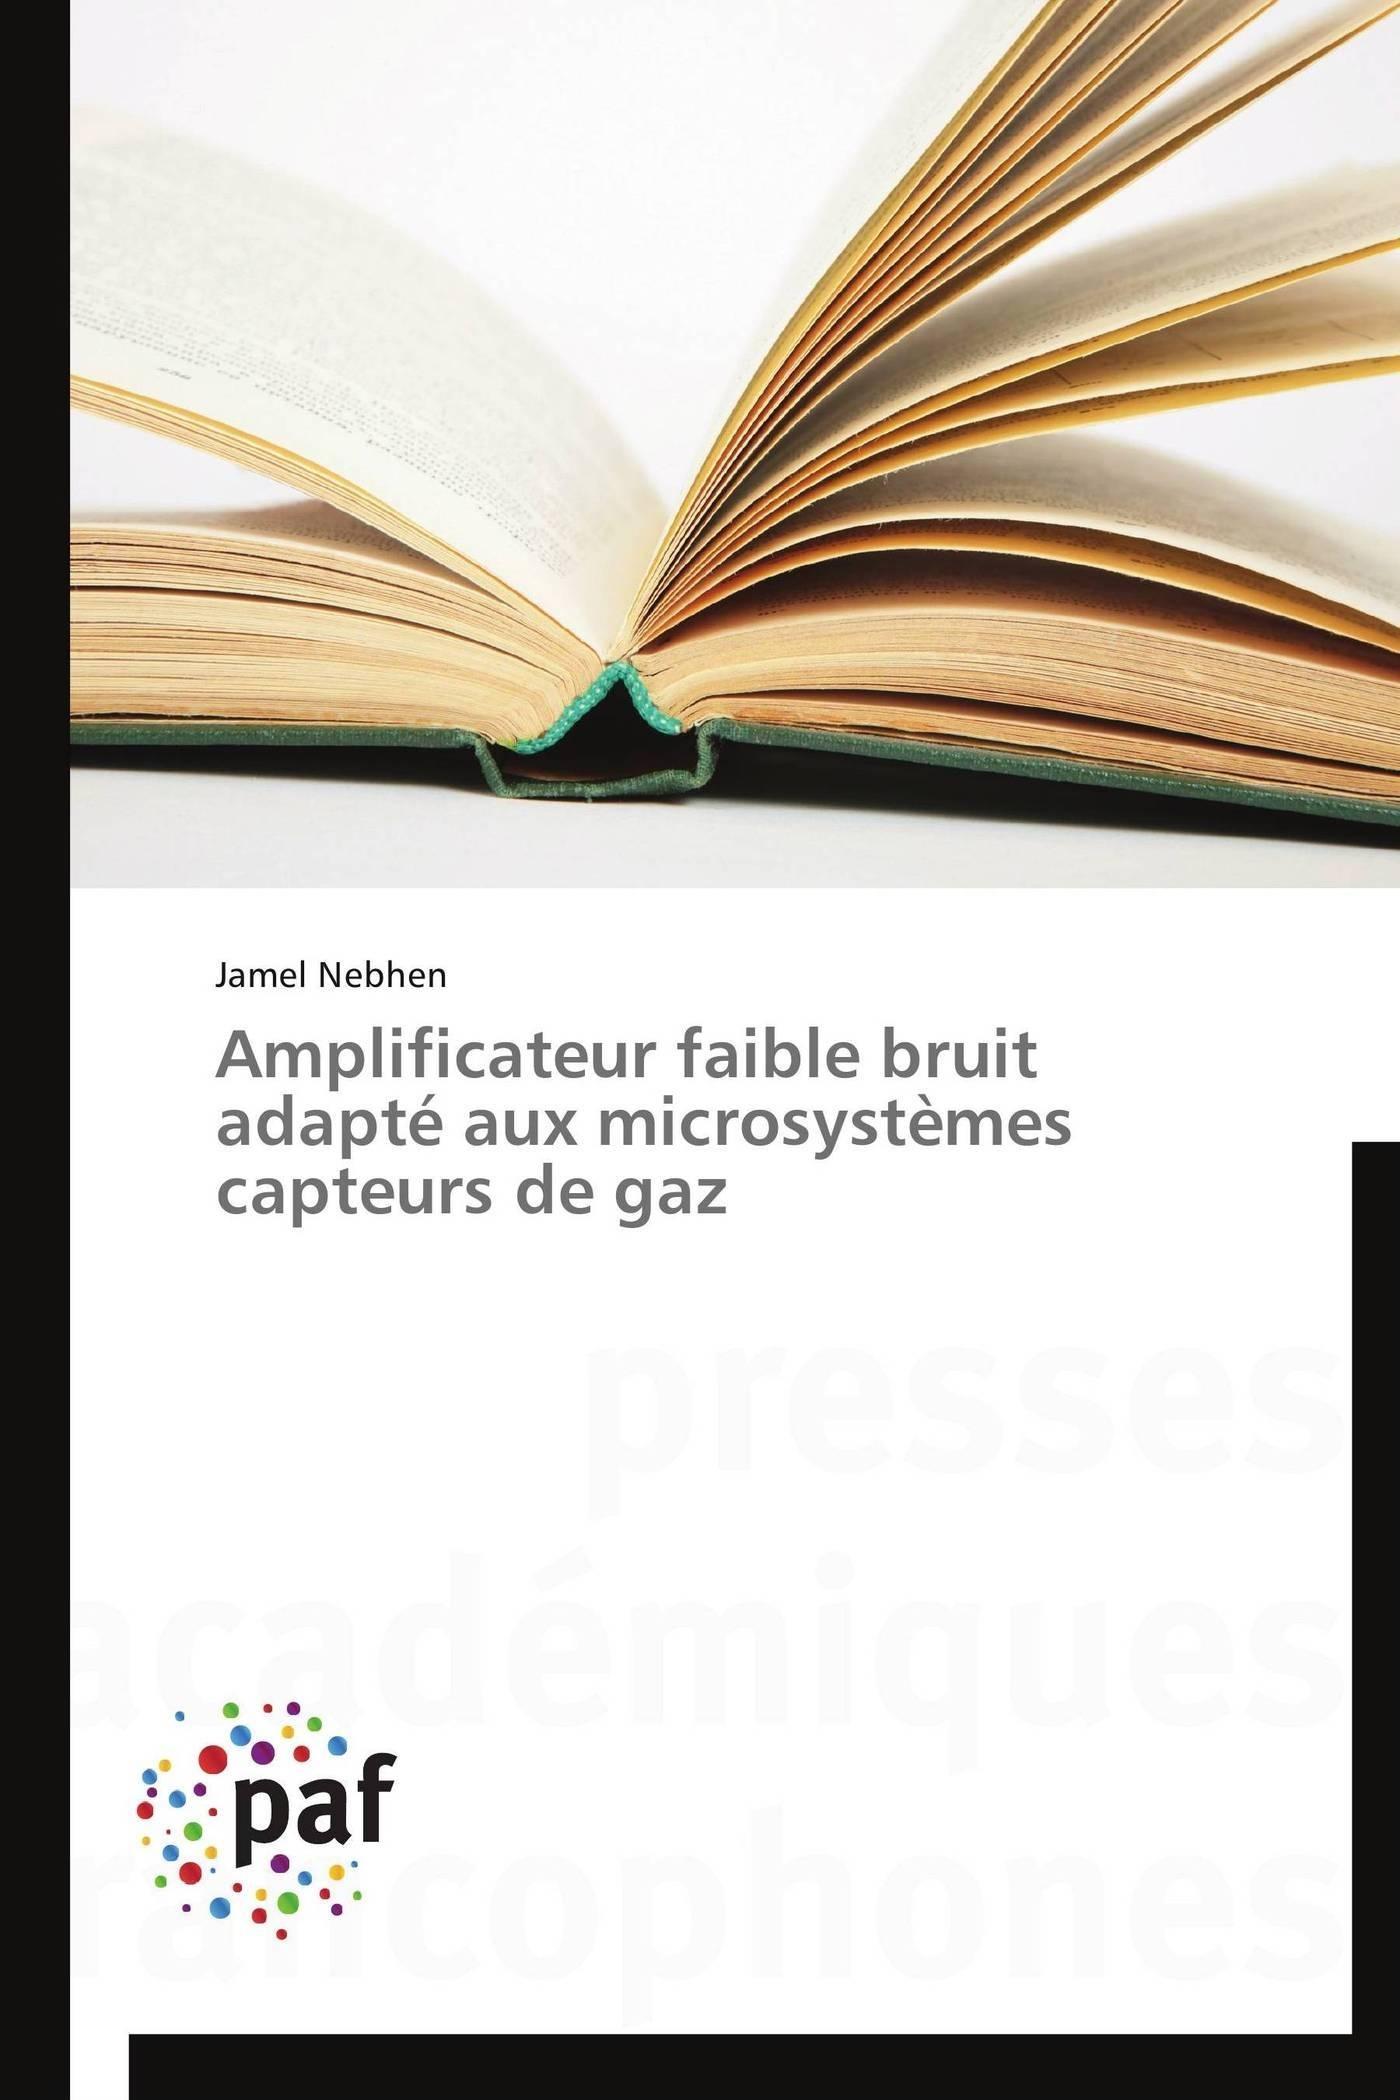 AMPLIFICATEUR FAIBLE BRUIT ADAPTE AUX MICROSYSTEMES CAPTEURS DE GAZ